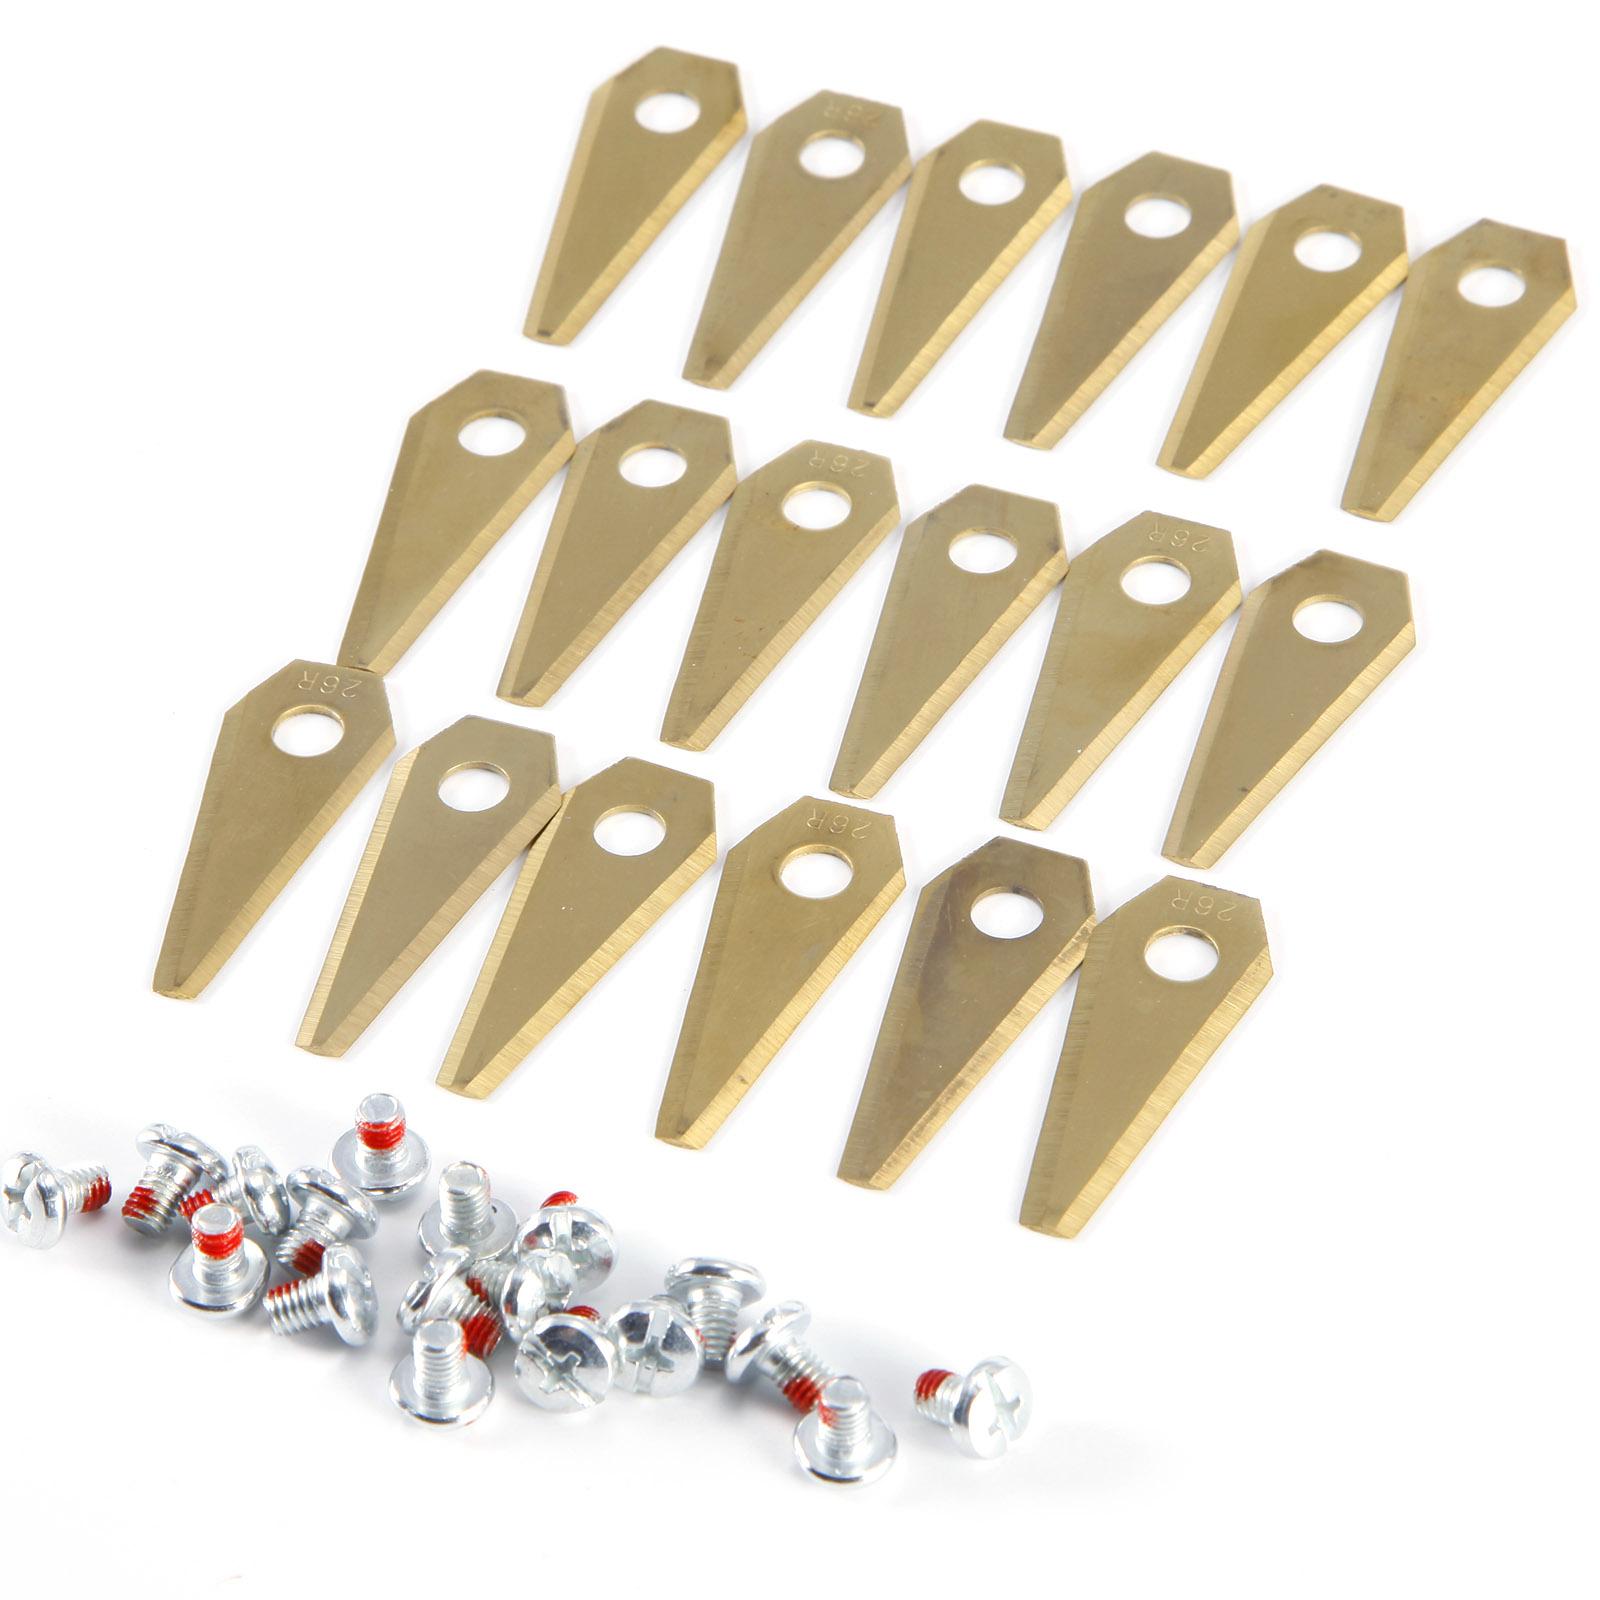 18 x Titan Ersatzklingen ERSATZMESSER für Bosch Indego Mähroboter Messer Klingen